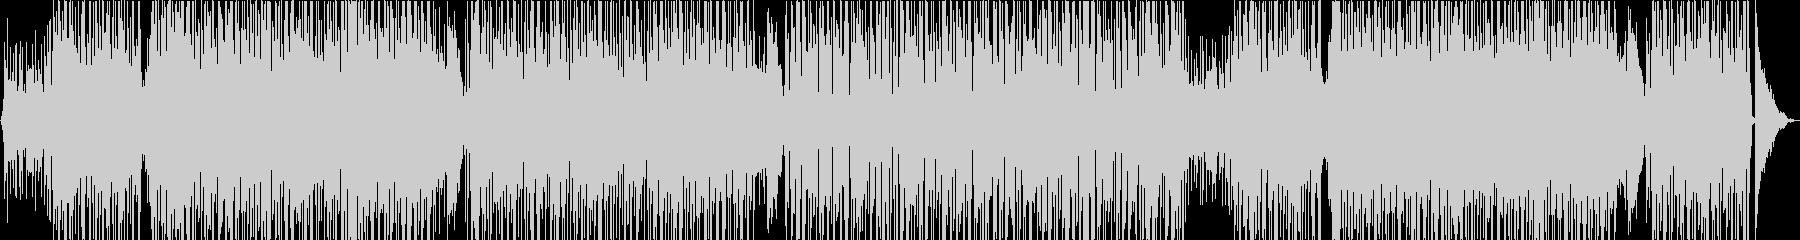 南国系スチール・ドラムのボサノバの未再生の波形